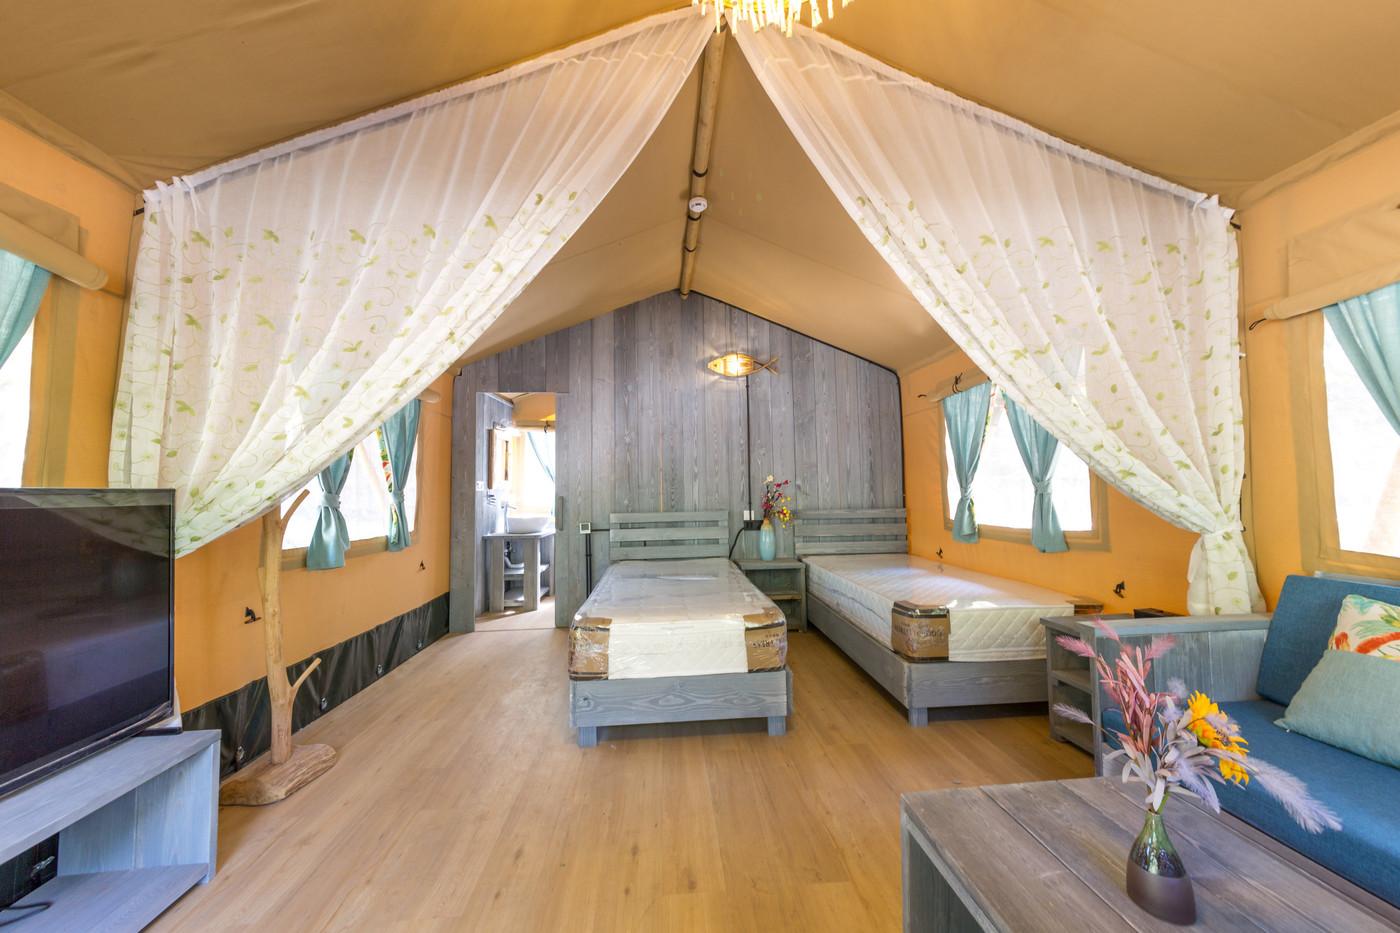 喜马拉雅野奢帐篷酒店一北京石头 剪刀 布一私享院子 54平山谷型  32